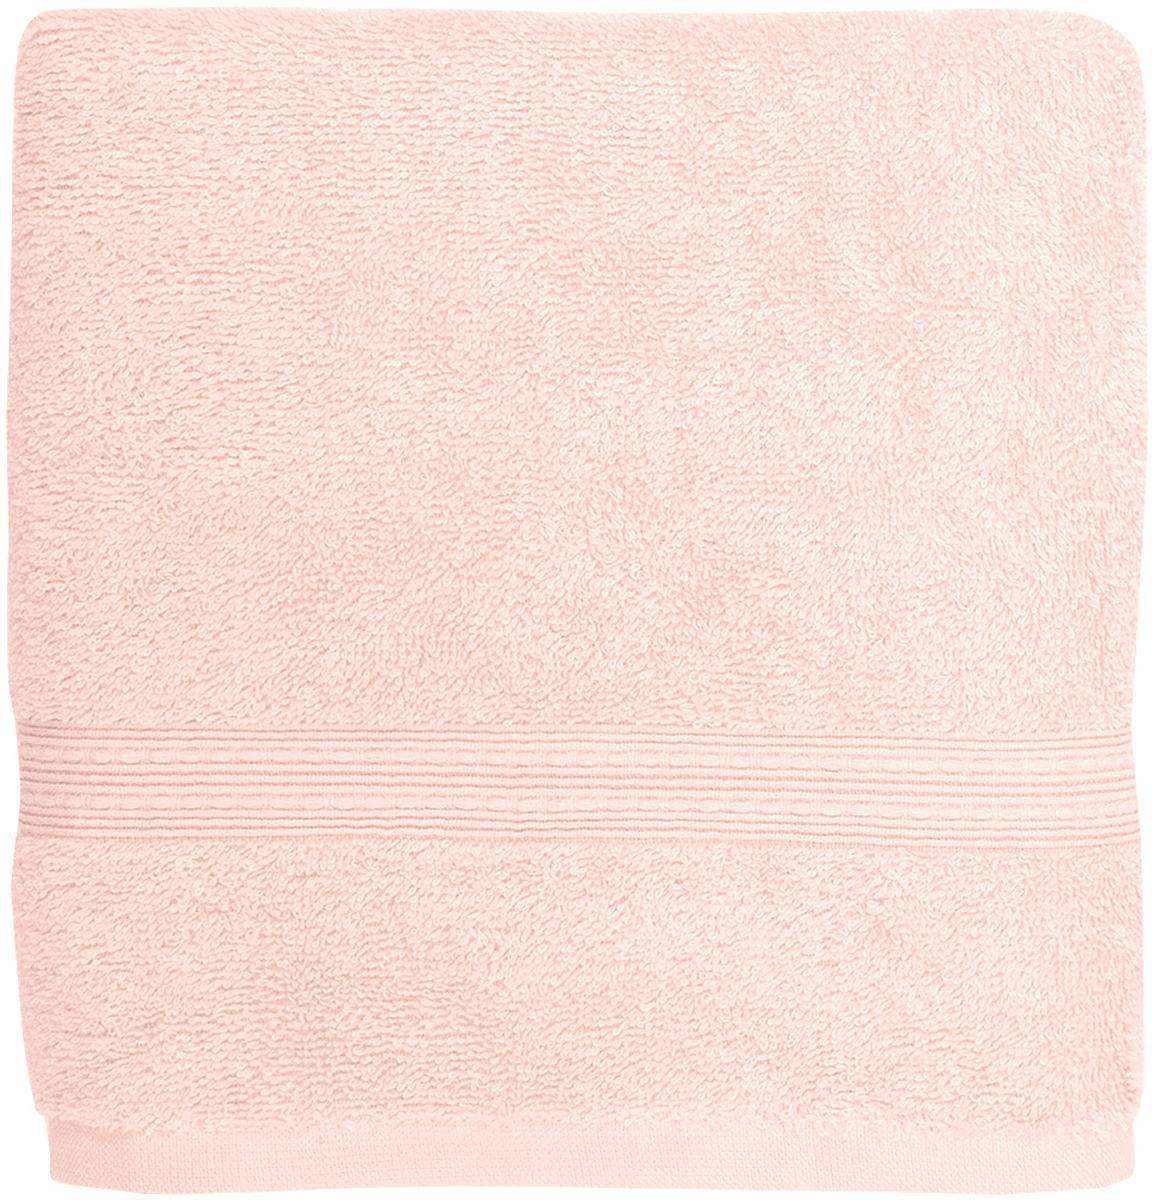 Комплект для бани Bonita Classic, цвет: розовый, 50 х 90 см полотенце банное fiesta arabesca 50 90 см